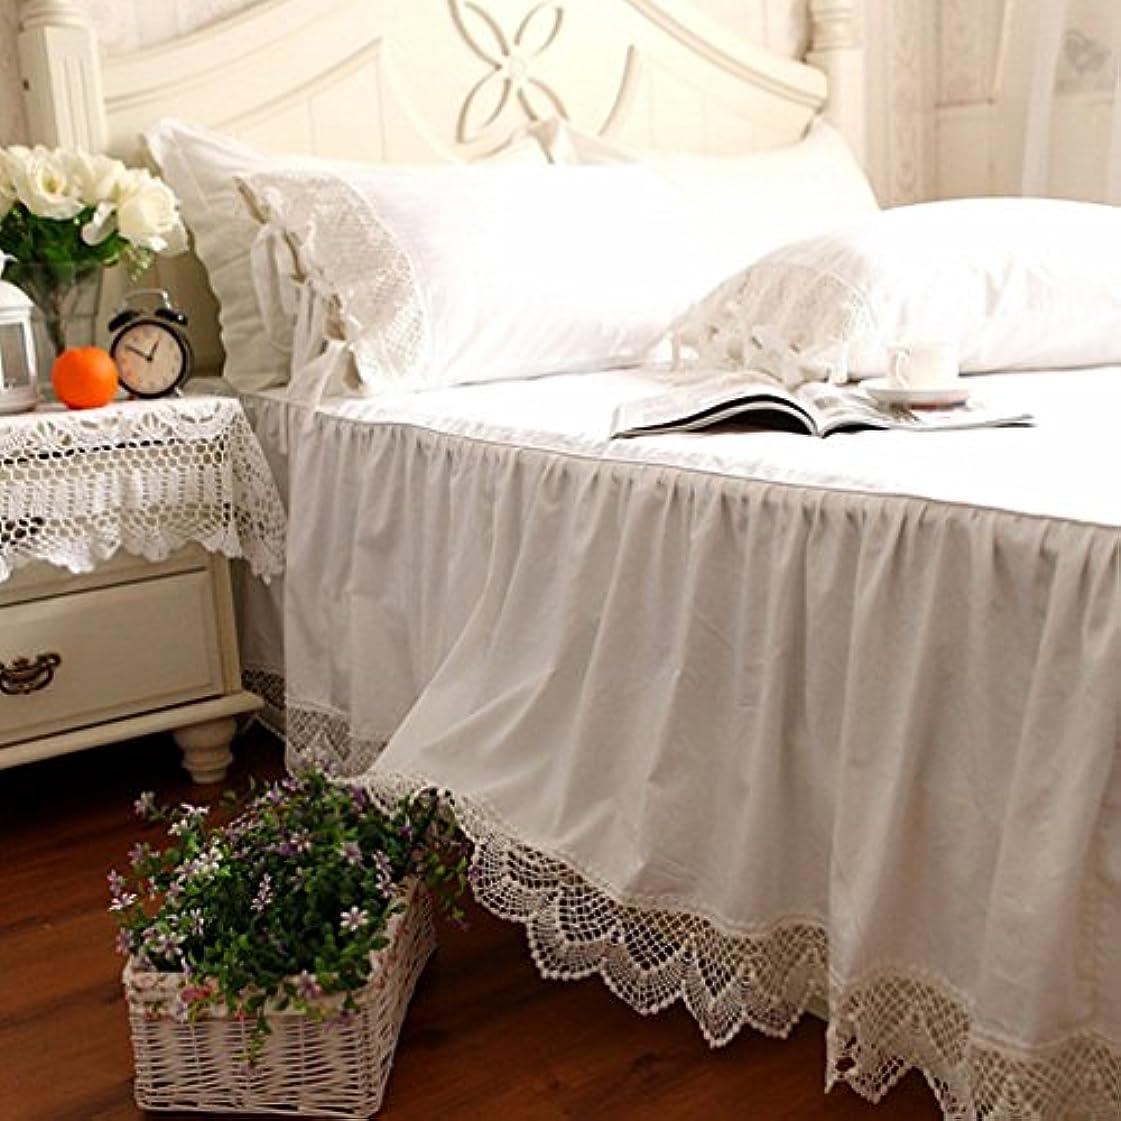 荒廃する子羊僕の綿100%ホワイトベッドカバー/無地 綿100% 洗える ベッドスカート ダブル